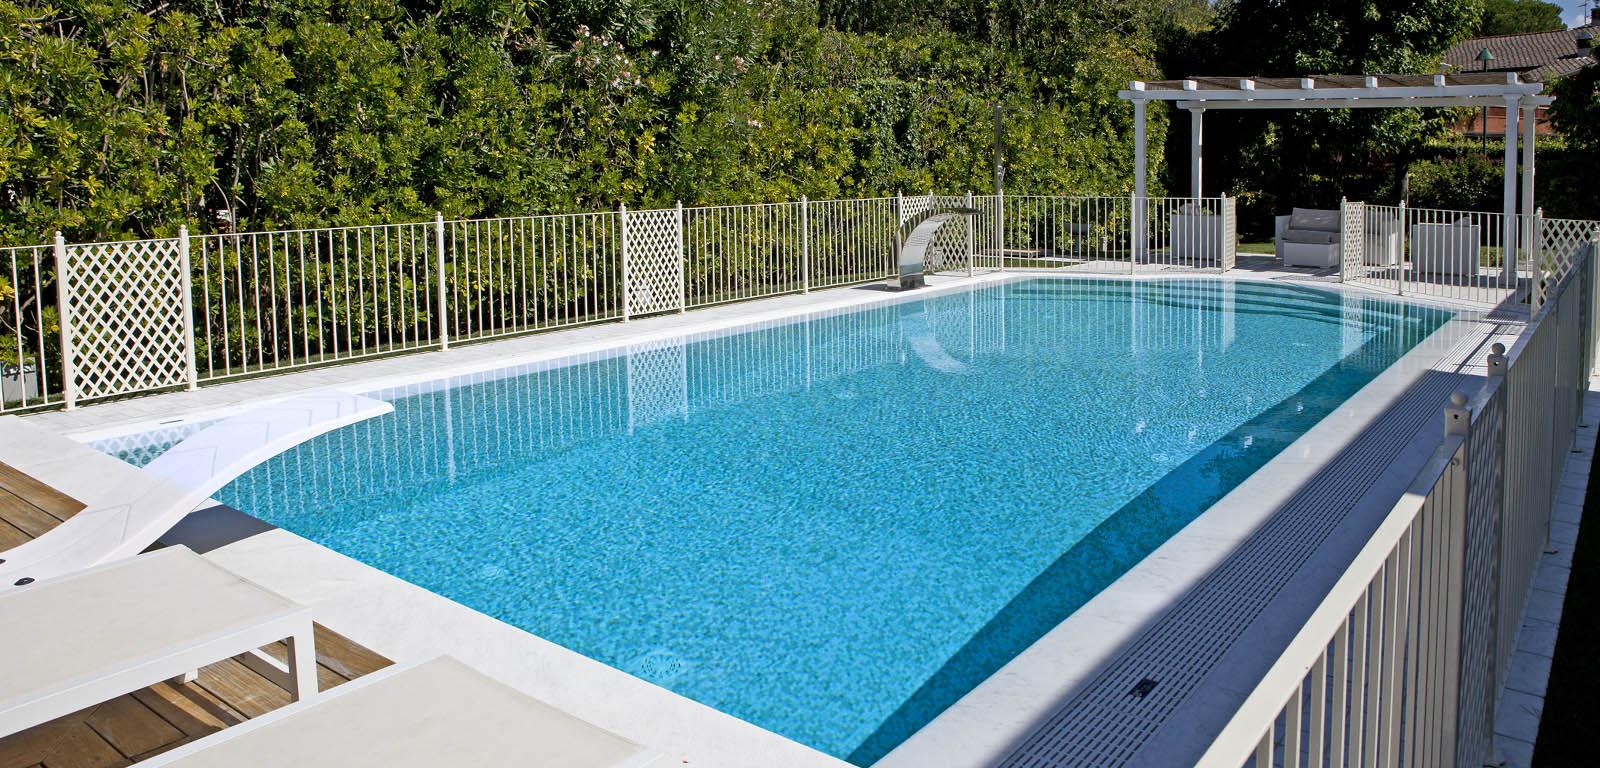 Piscine con rivestimento azzurro piscine castiglione - Del taglia piscine prezzi ...